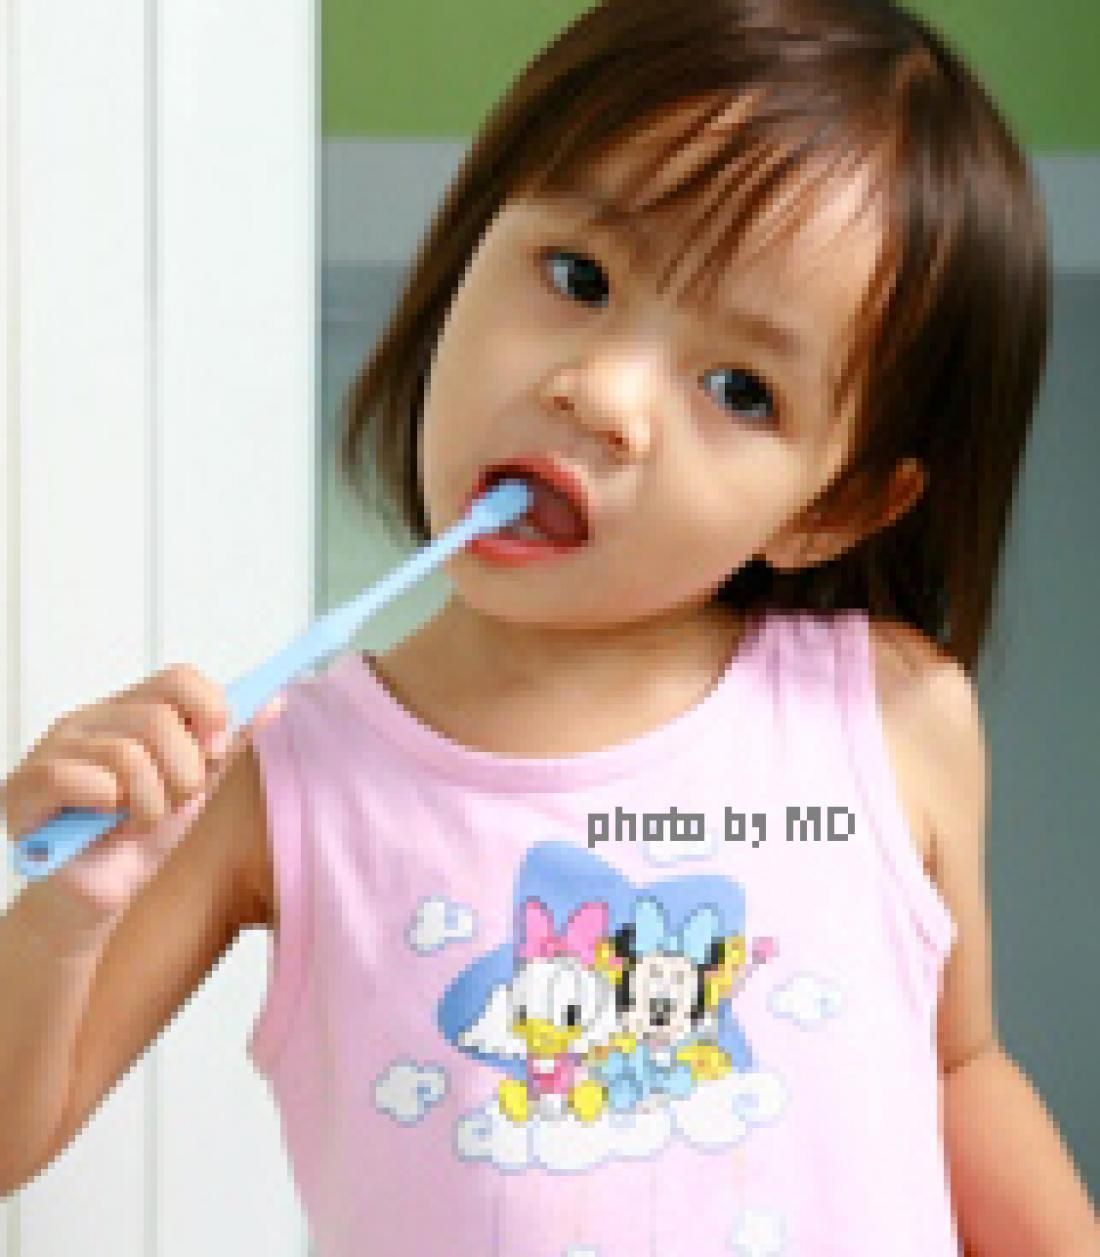 บทความเรื่อง แปรงฟันให้ลูกถึงเมื่อไร